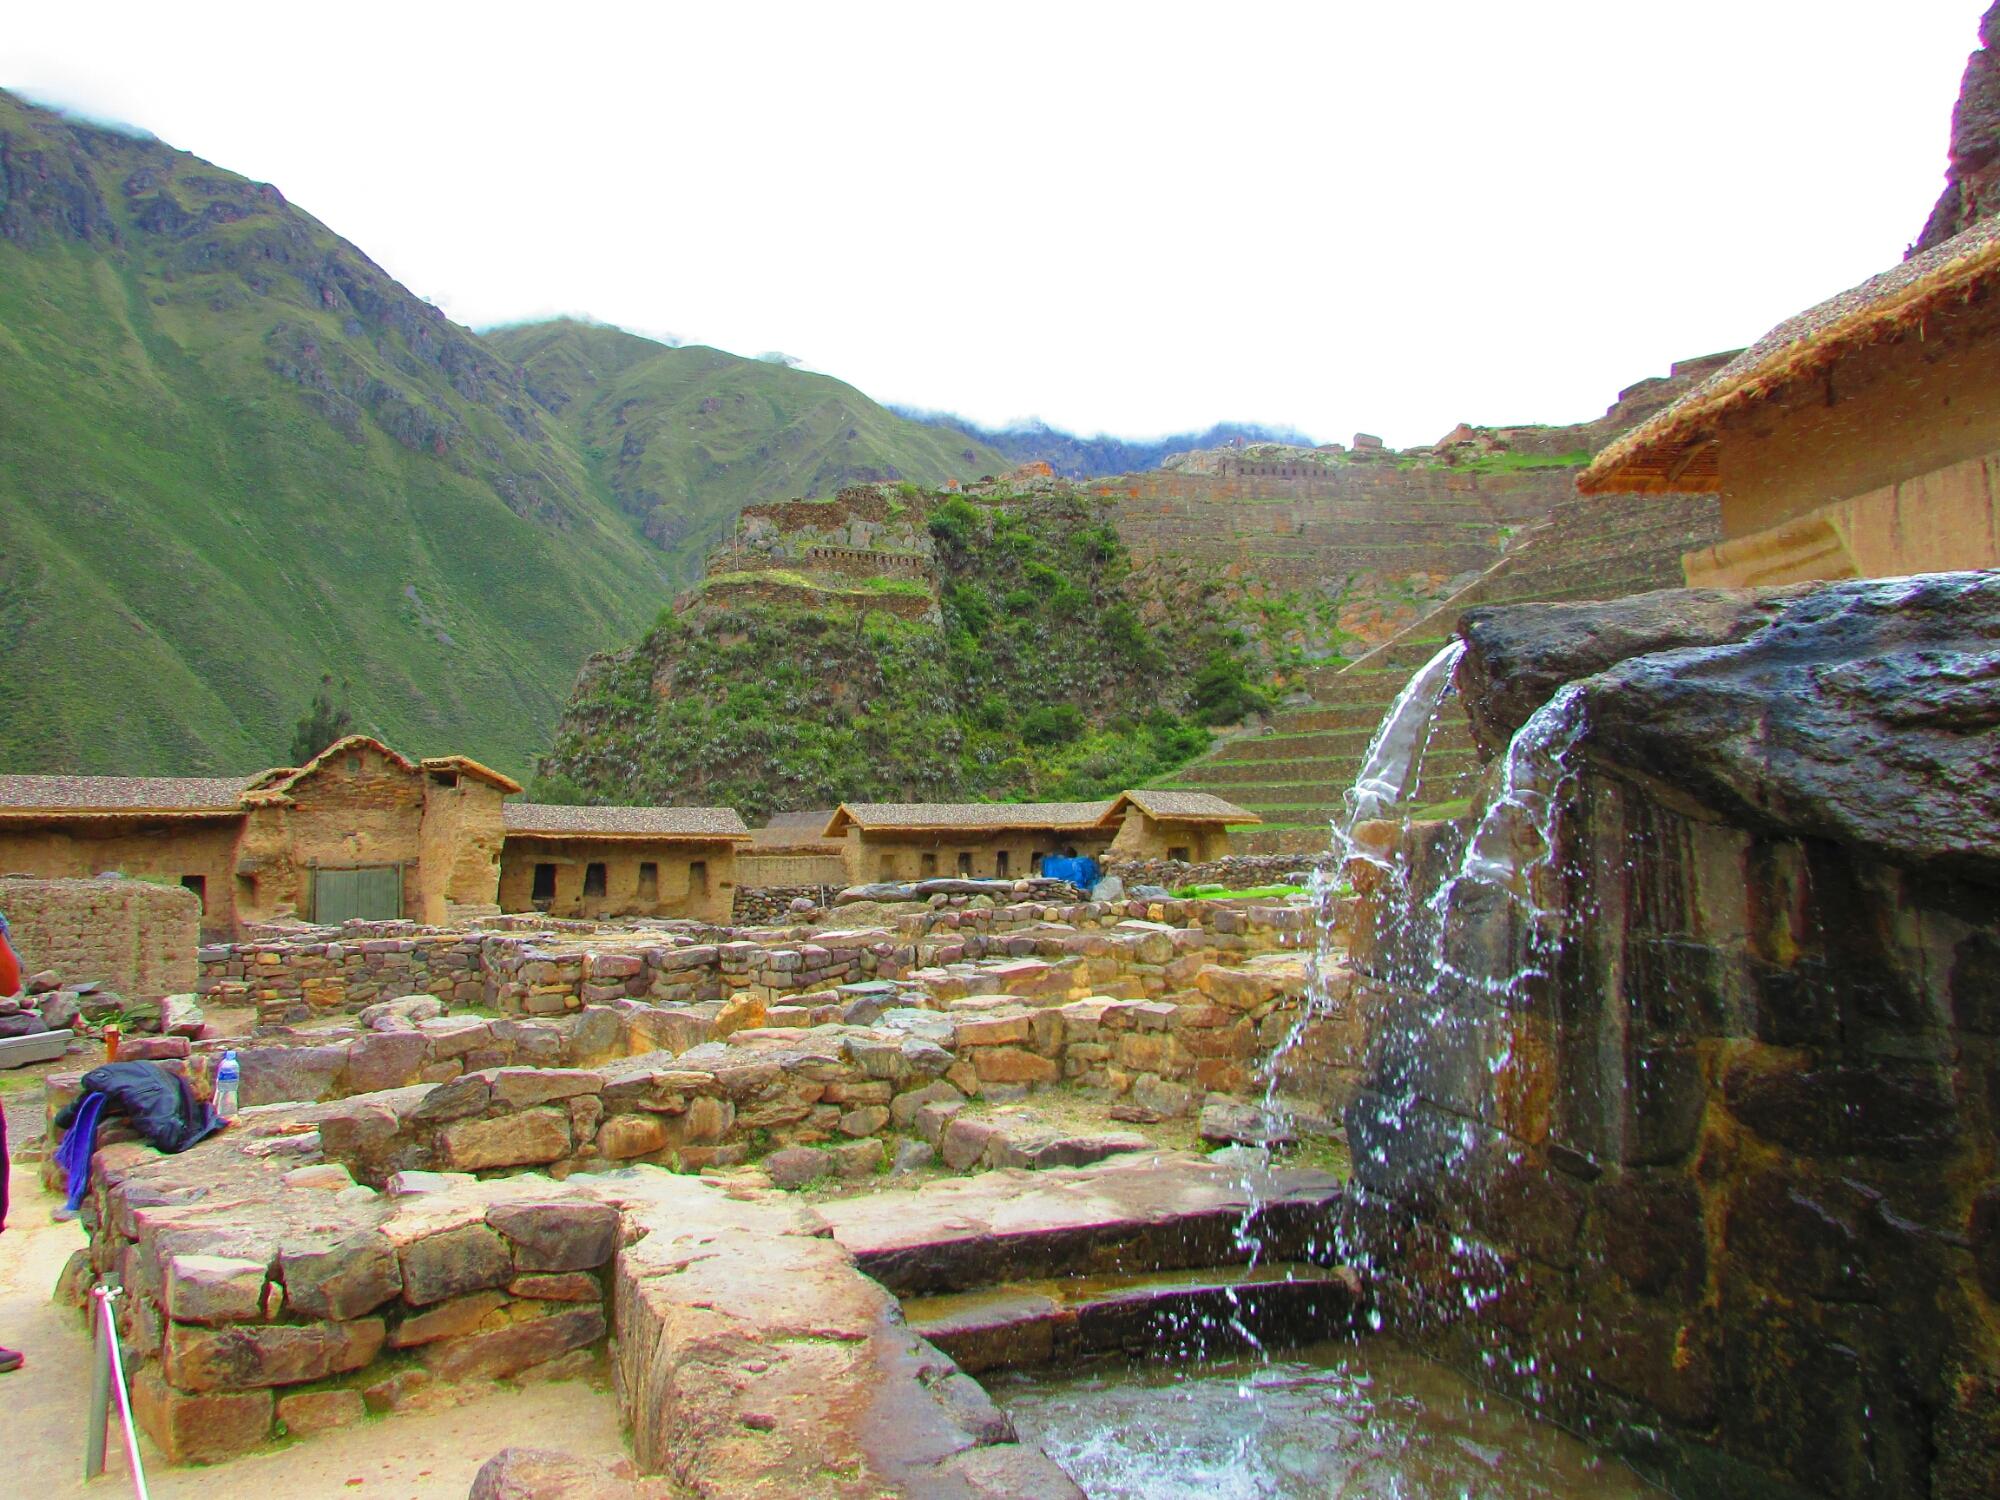 fuentes de agua y edificios sagrados en ruinas incas de Ollataytambo en el Valle Sagrado cerca de Cuzco